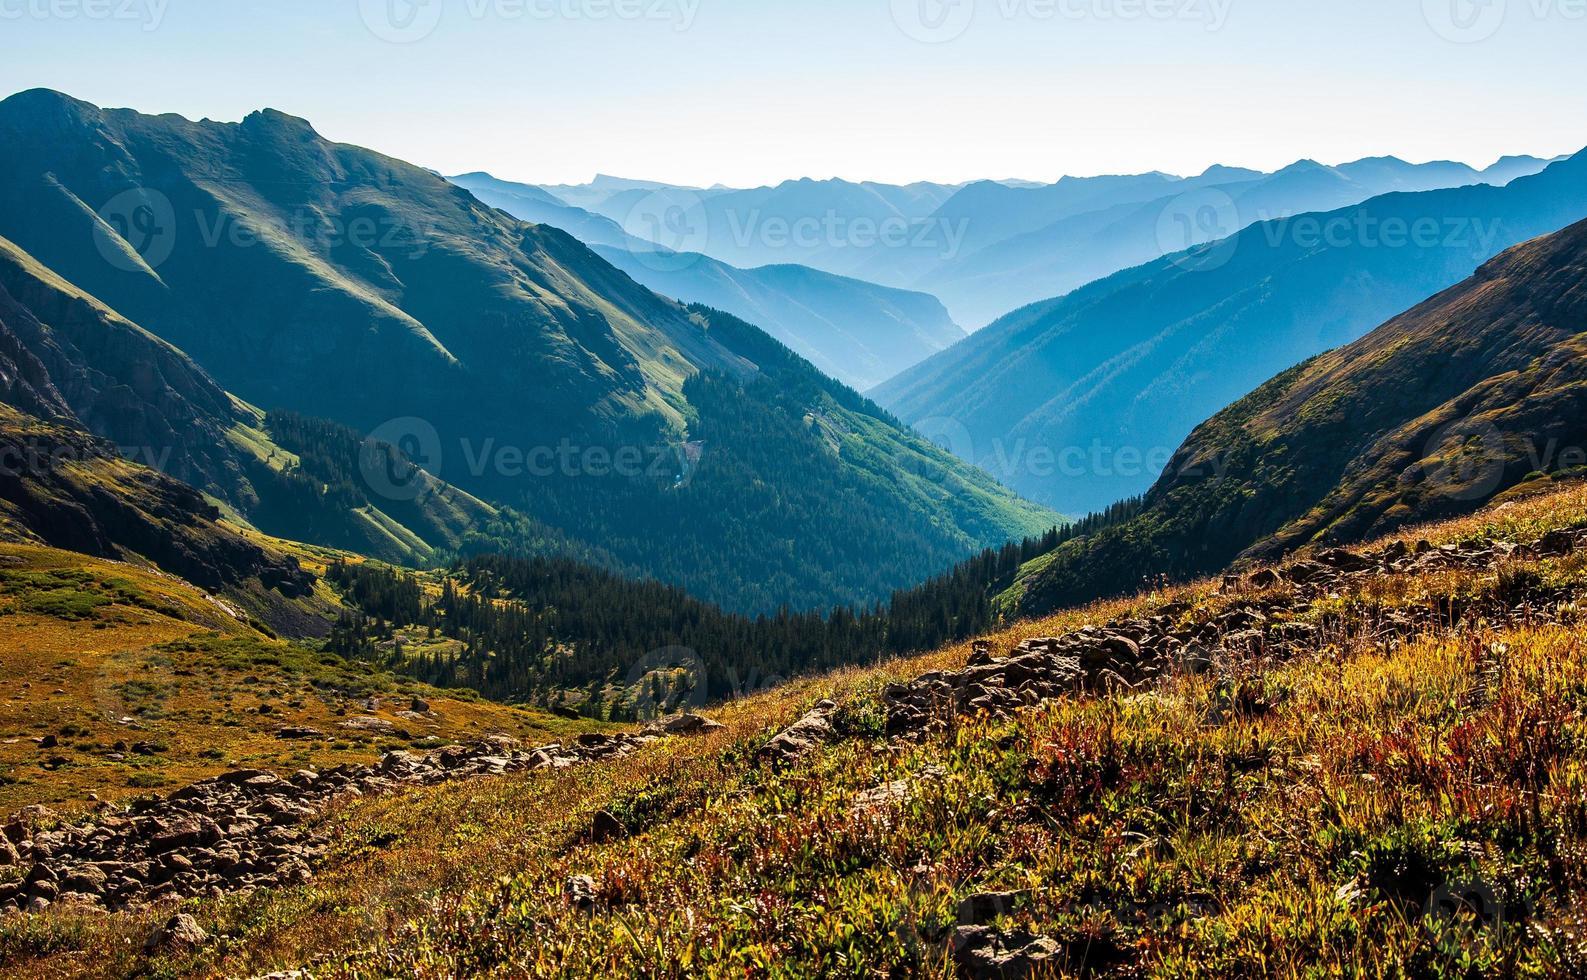 hoch über 13.000 Fuß über dem Meeresspiegel felsiger Berg hoch foto